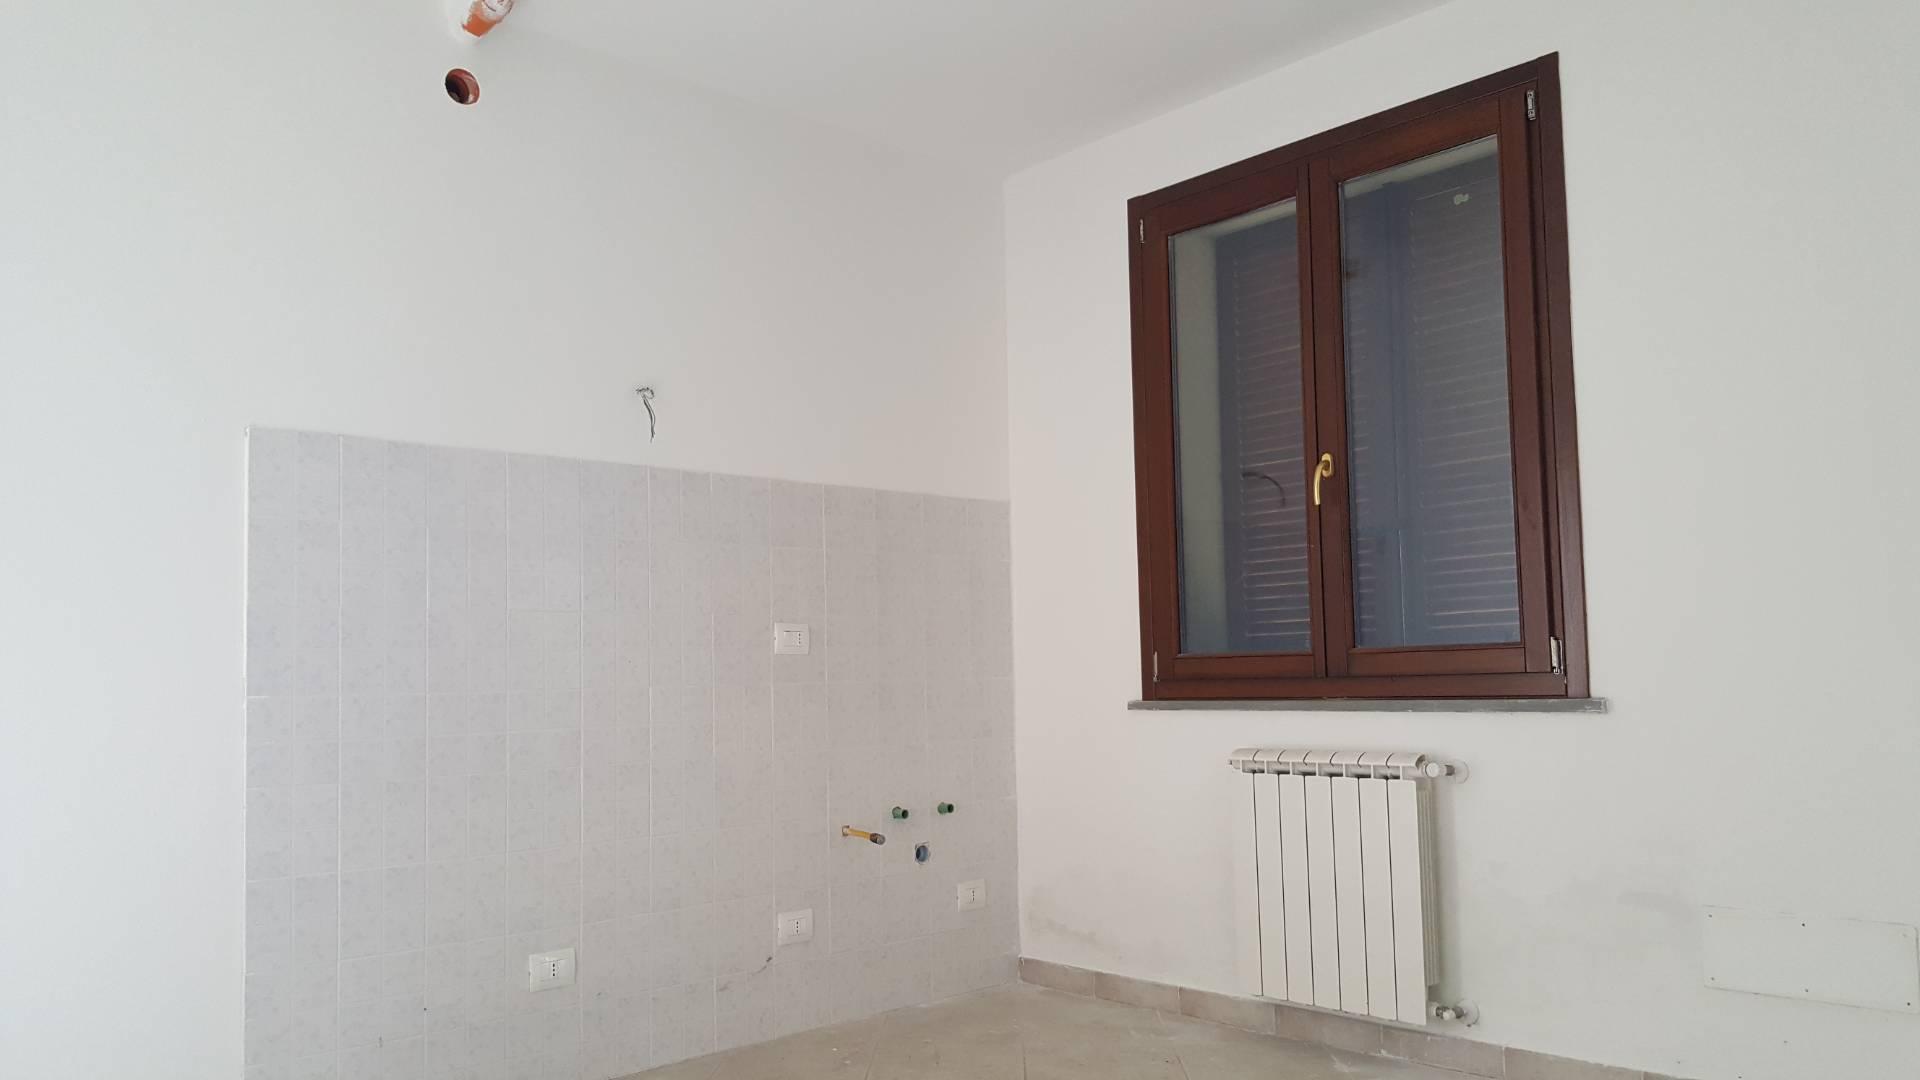 Appartamento in vendita a Santa Maria a Monte, 3 locali, prezzo € 115.000 | CambioCasa.it